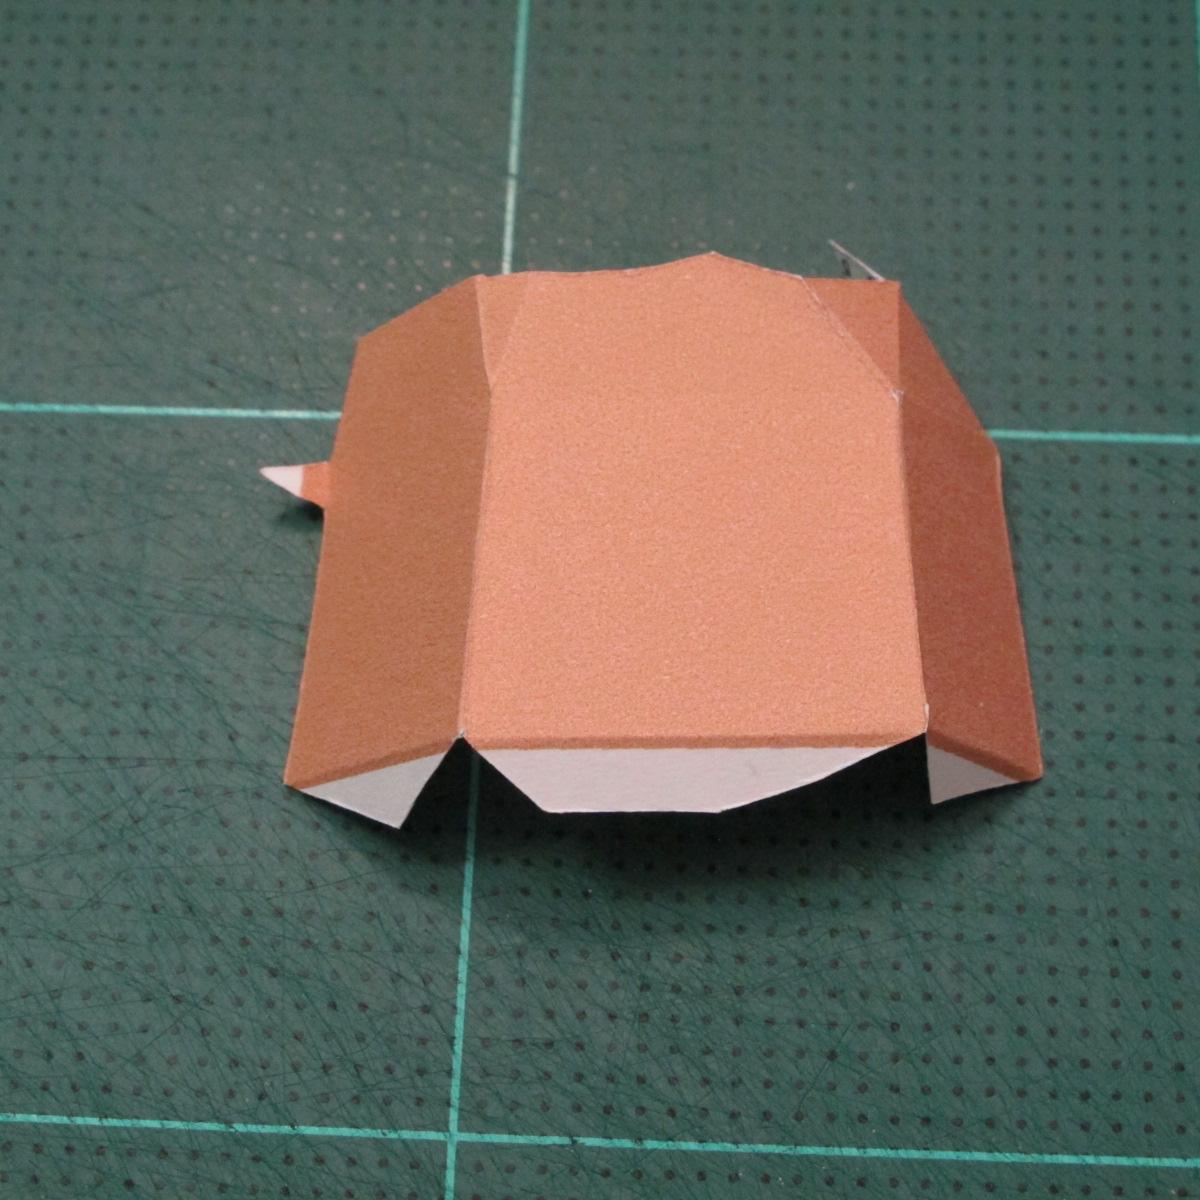 วิธีทำโมเดลกระดาษคุกกี้รสคุกกี้แอนด์ครีม  (Cookie Run Cream Cookie Papercraft Model) 011